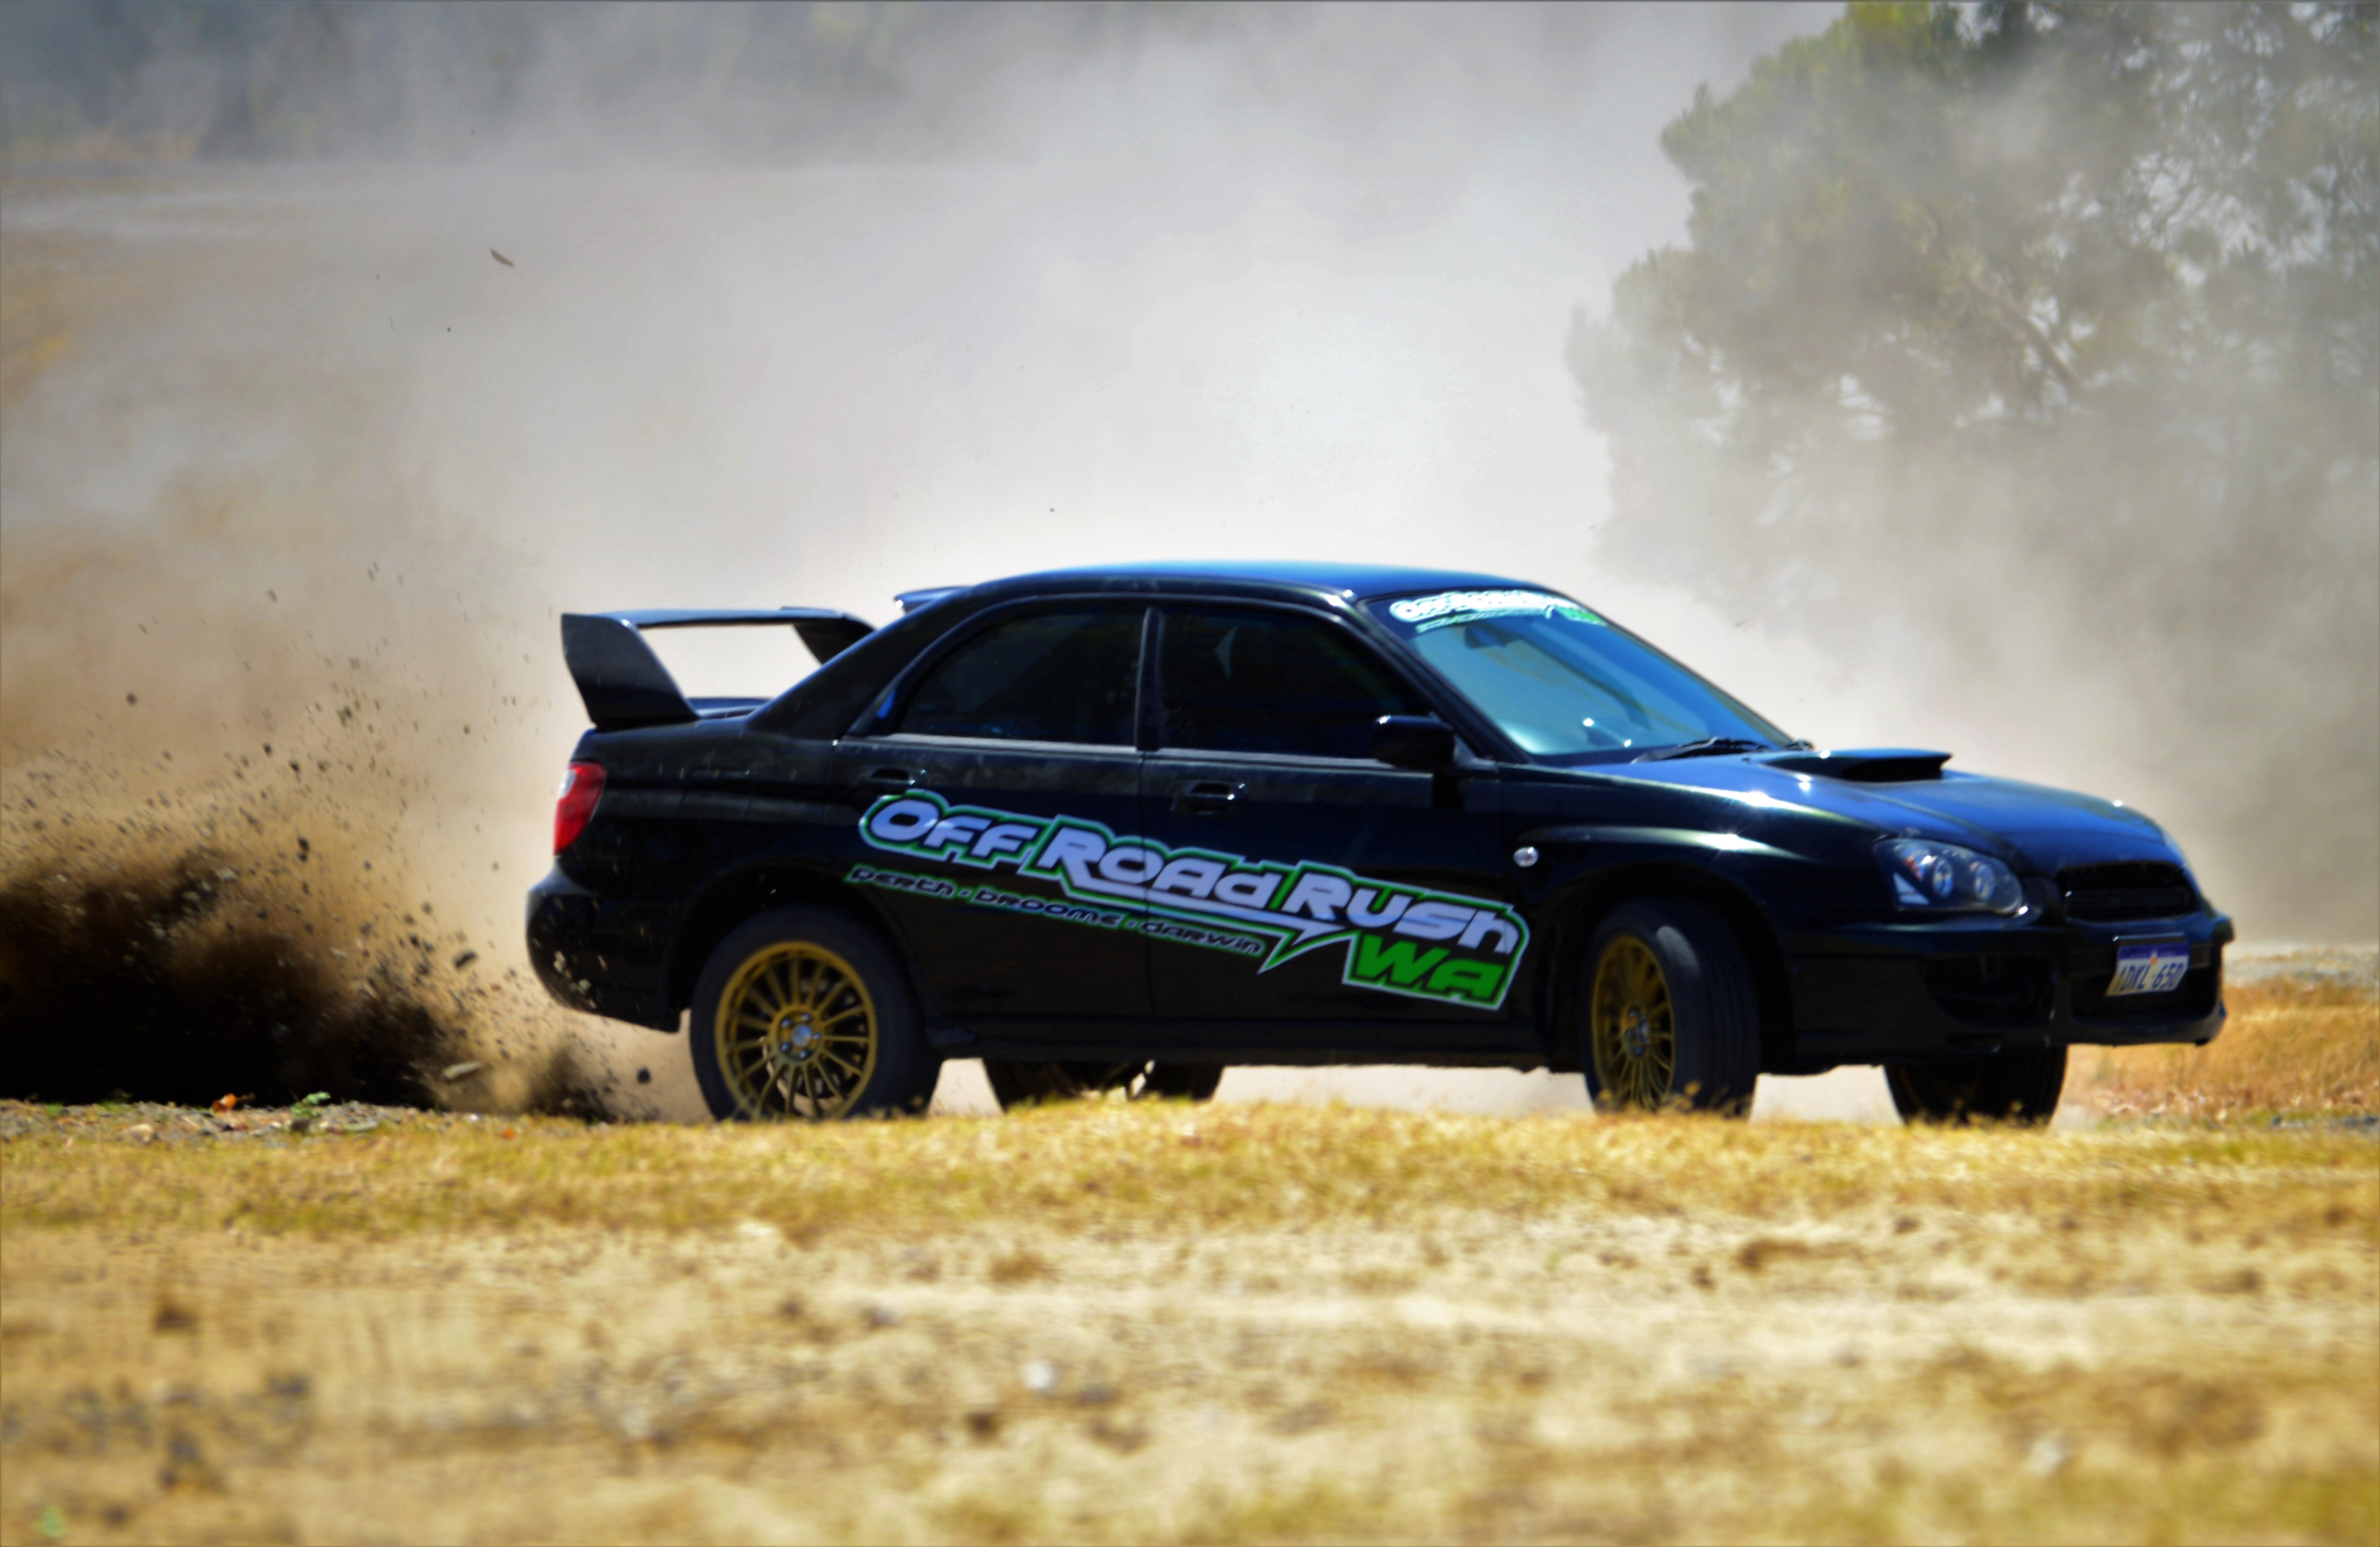 Subaru WRX Rally Cars, 4 Lap Drive & 1 Hot Lap - Perth